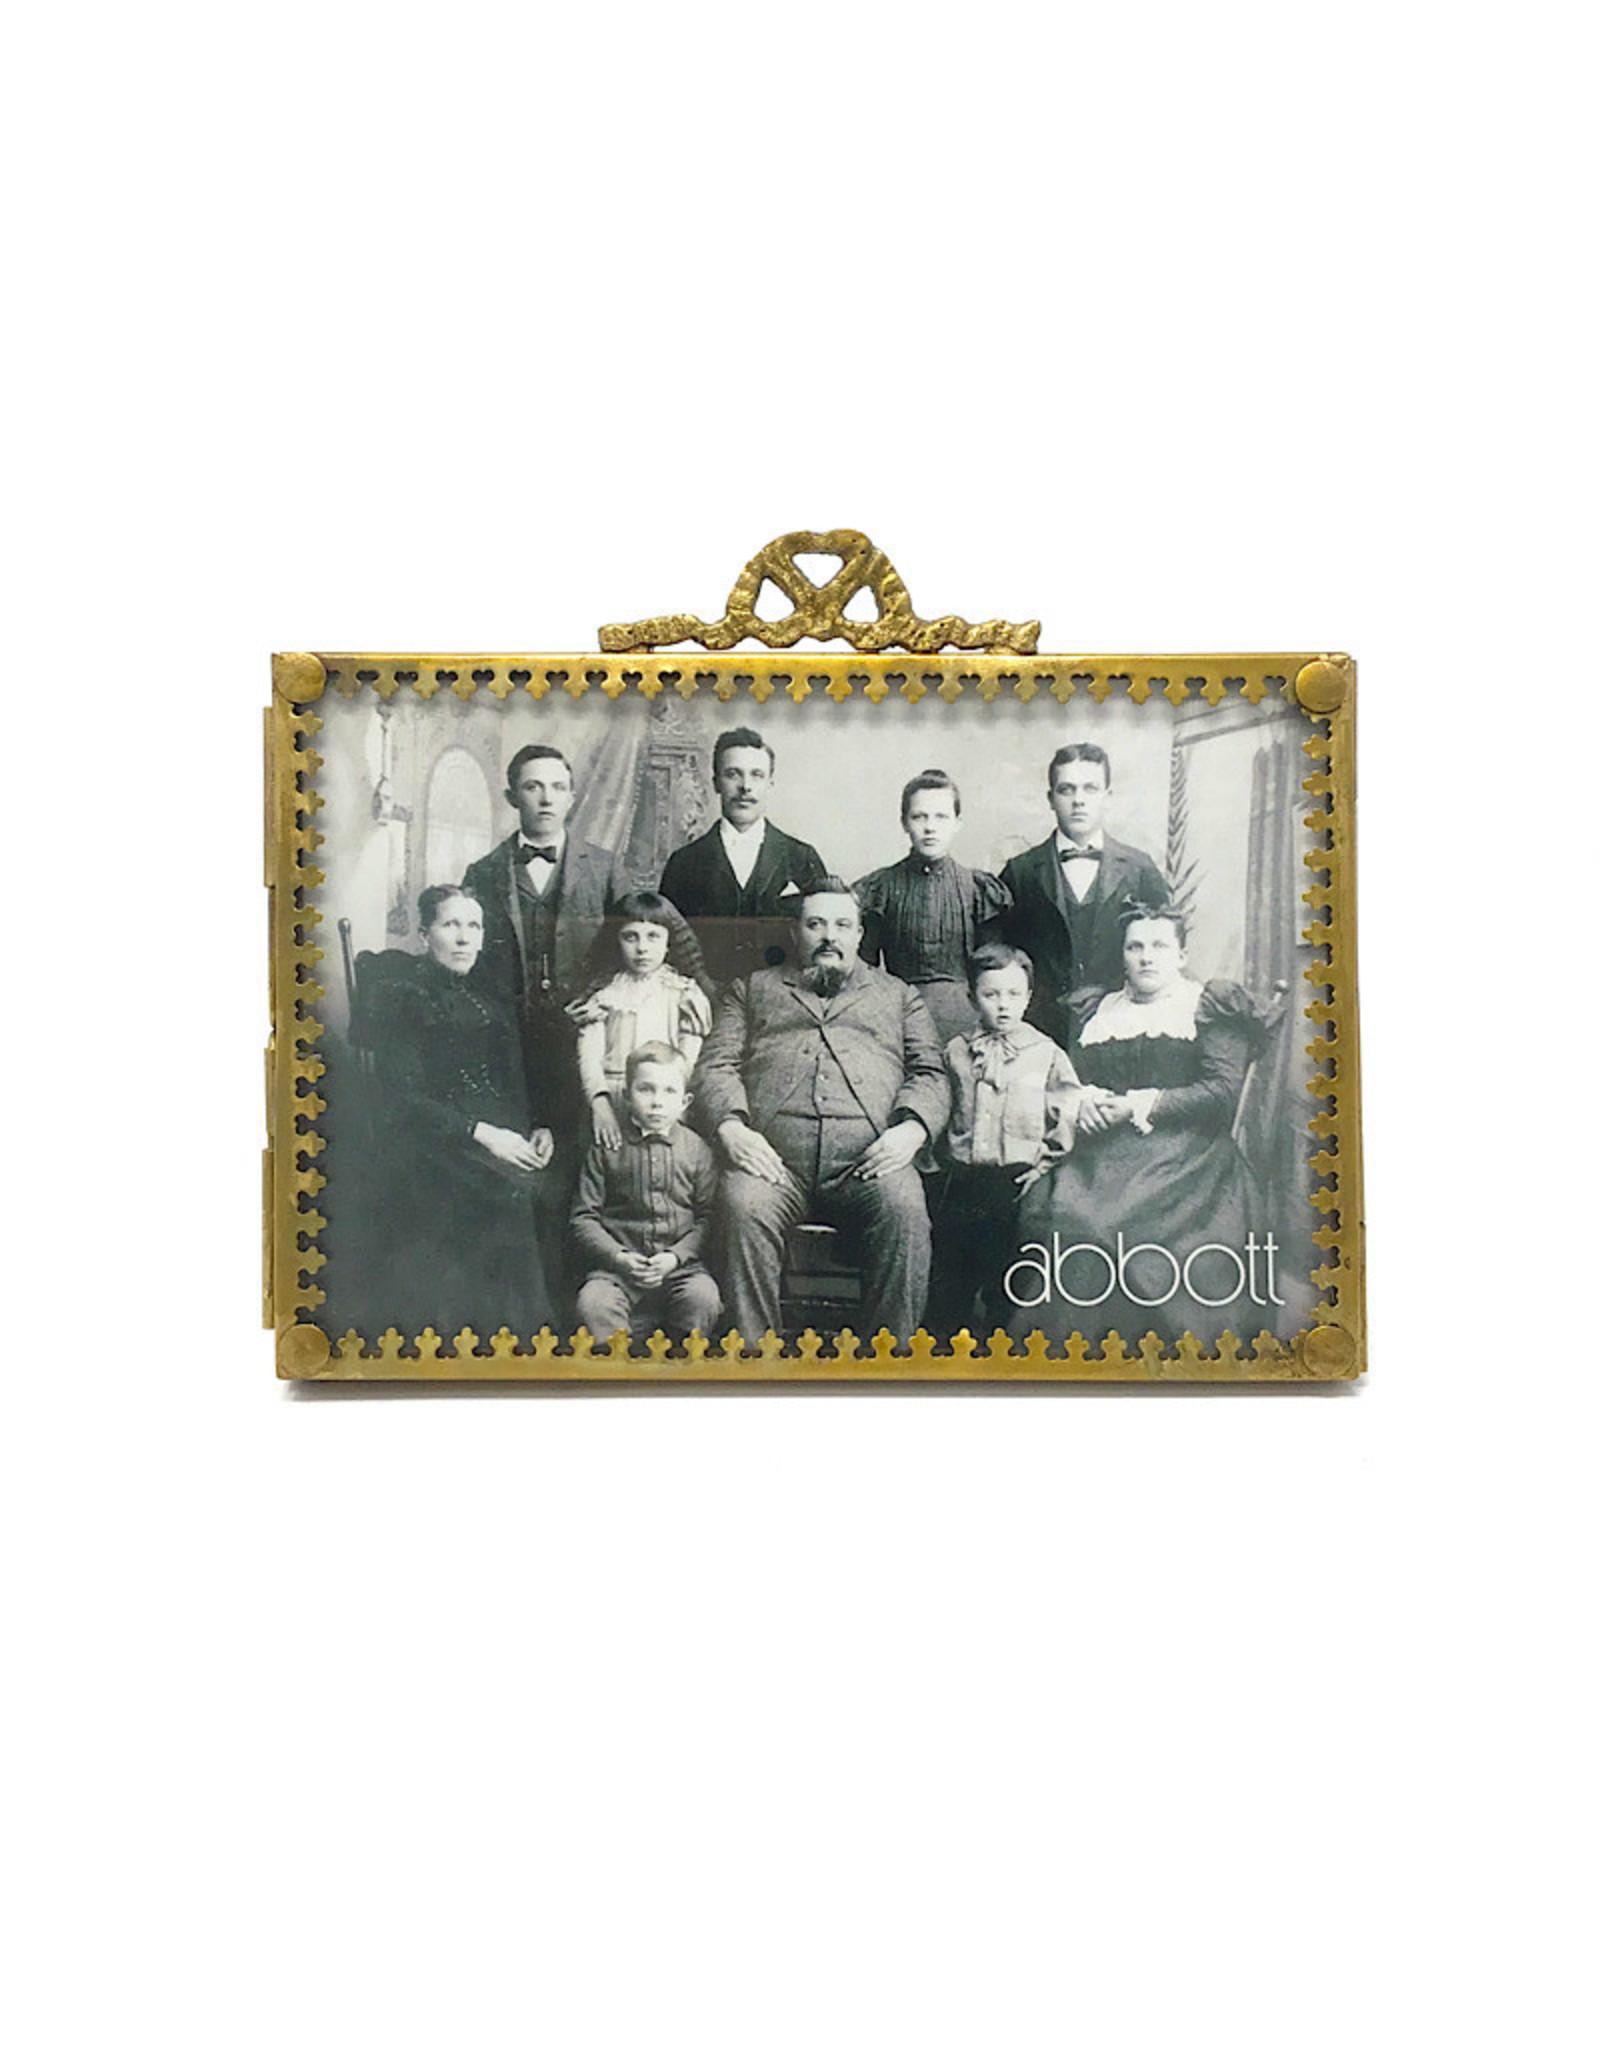 Abbott Frame gold